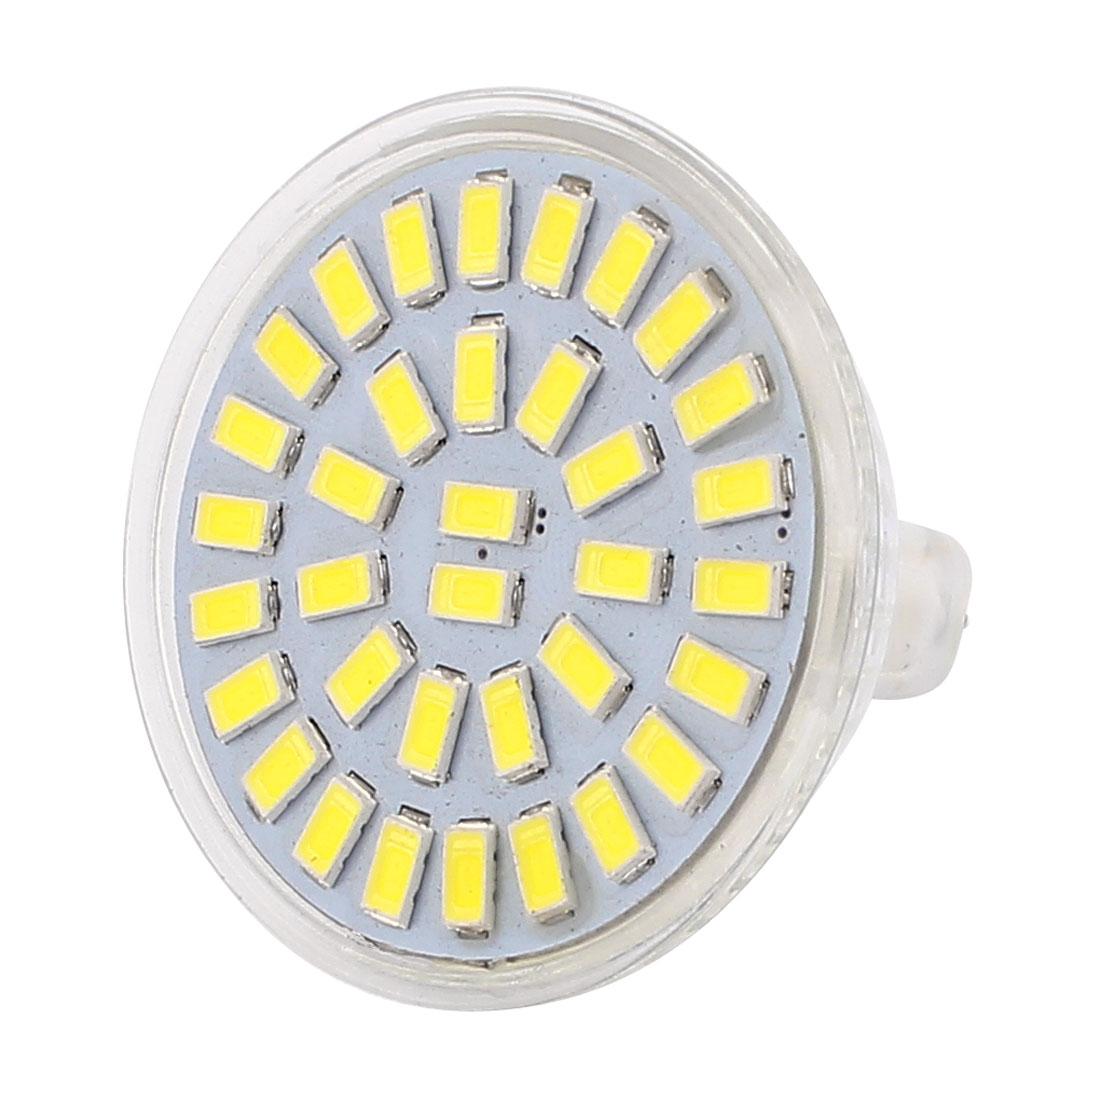 220V-240V 5W MR16 5730 SMD 35 LEDs LED Bulb Down Light Spotlight Lamp White